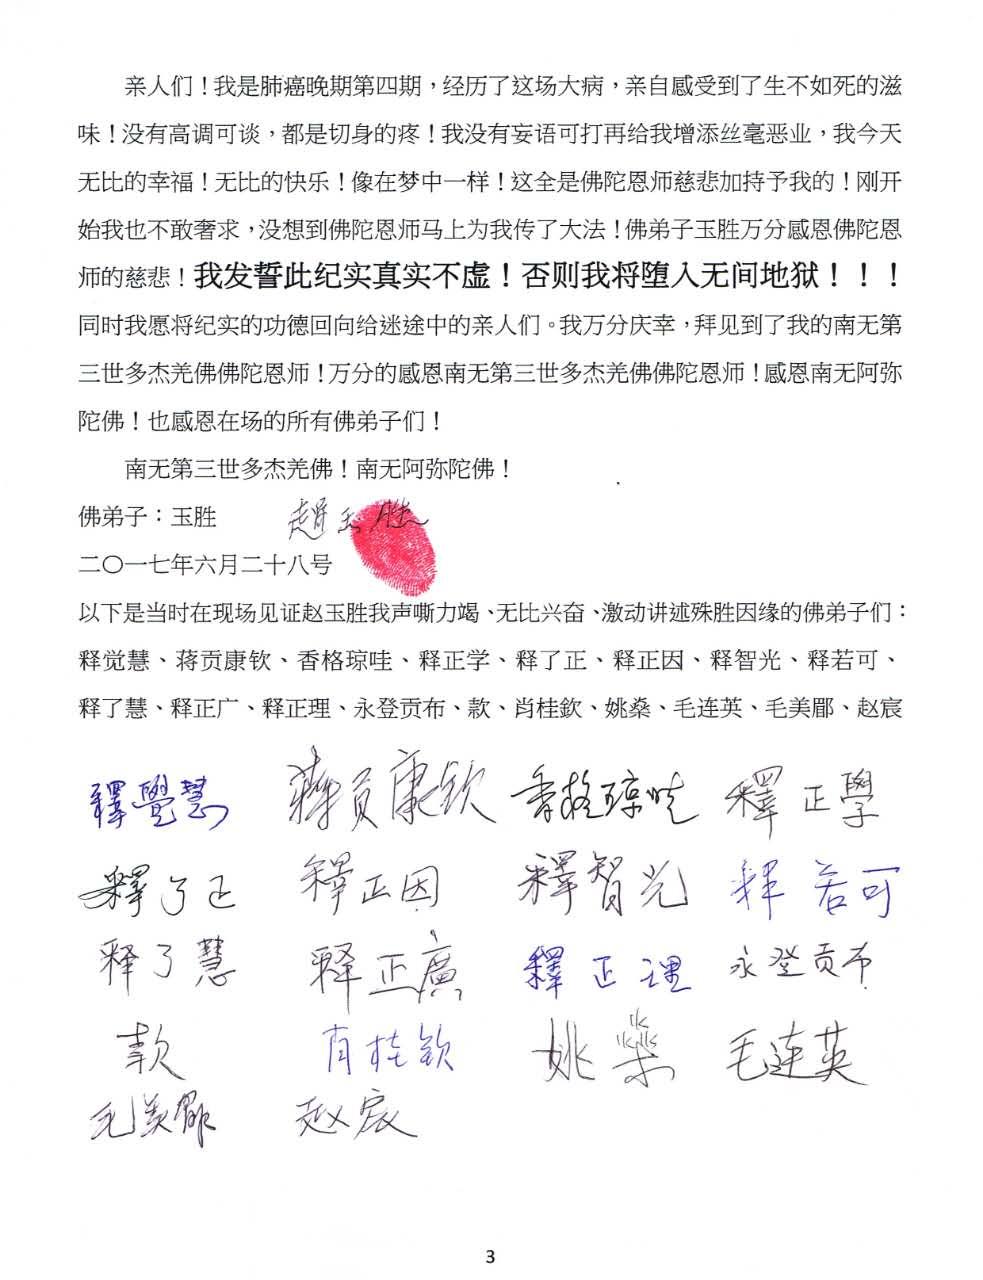 佛弟子赵玉胜接受了南无第三世多杰羌佛的传法 亲见阿弥陀佛保证往生西方极乐世界 第4张